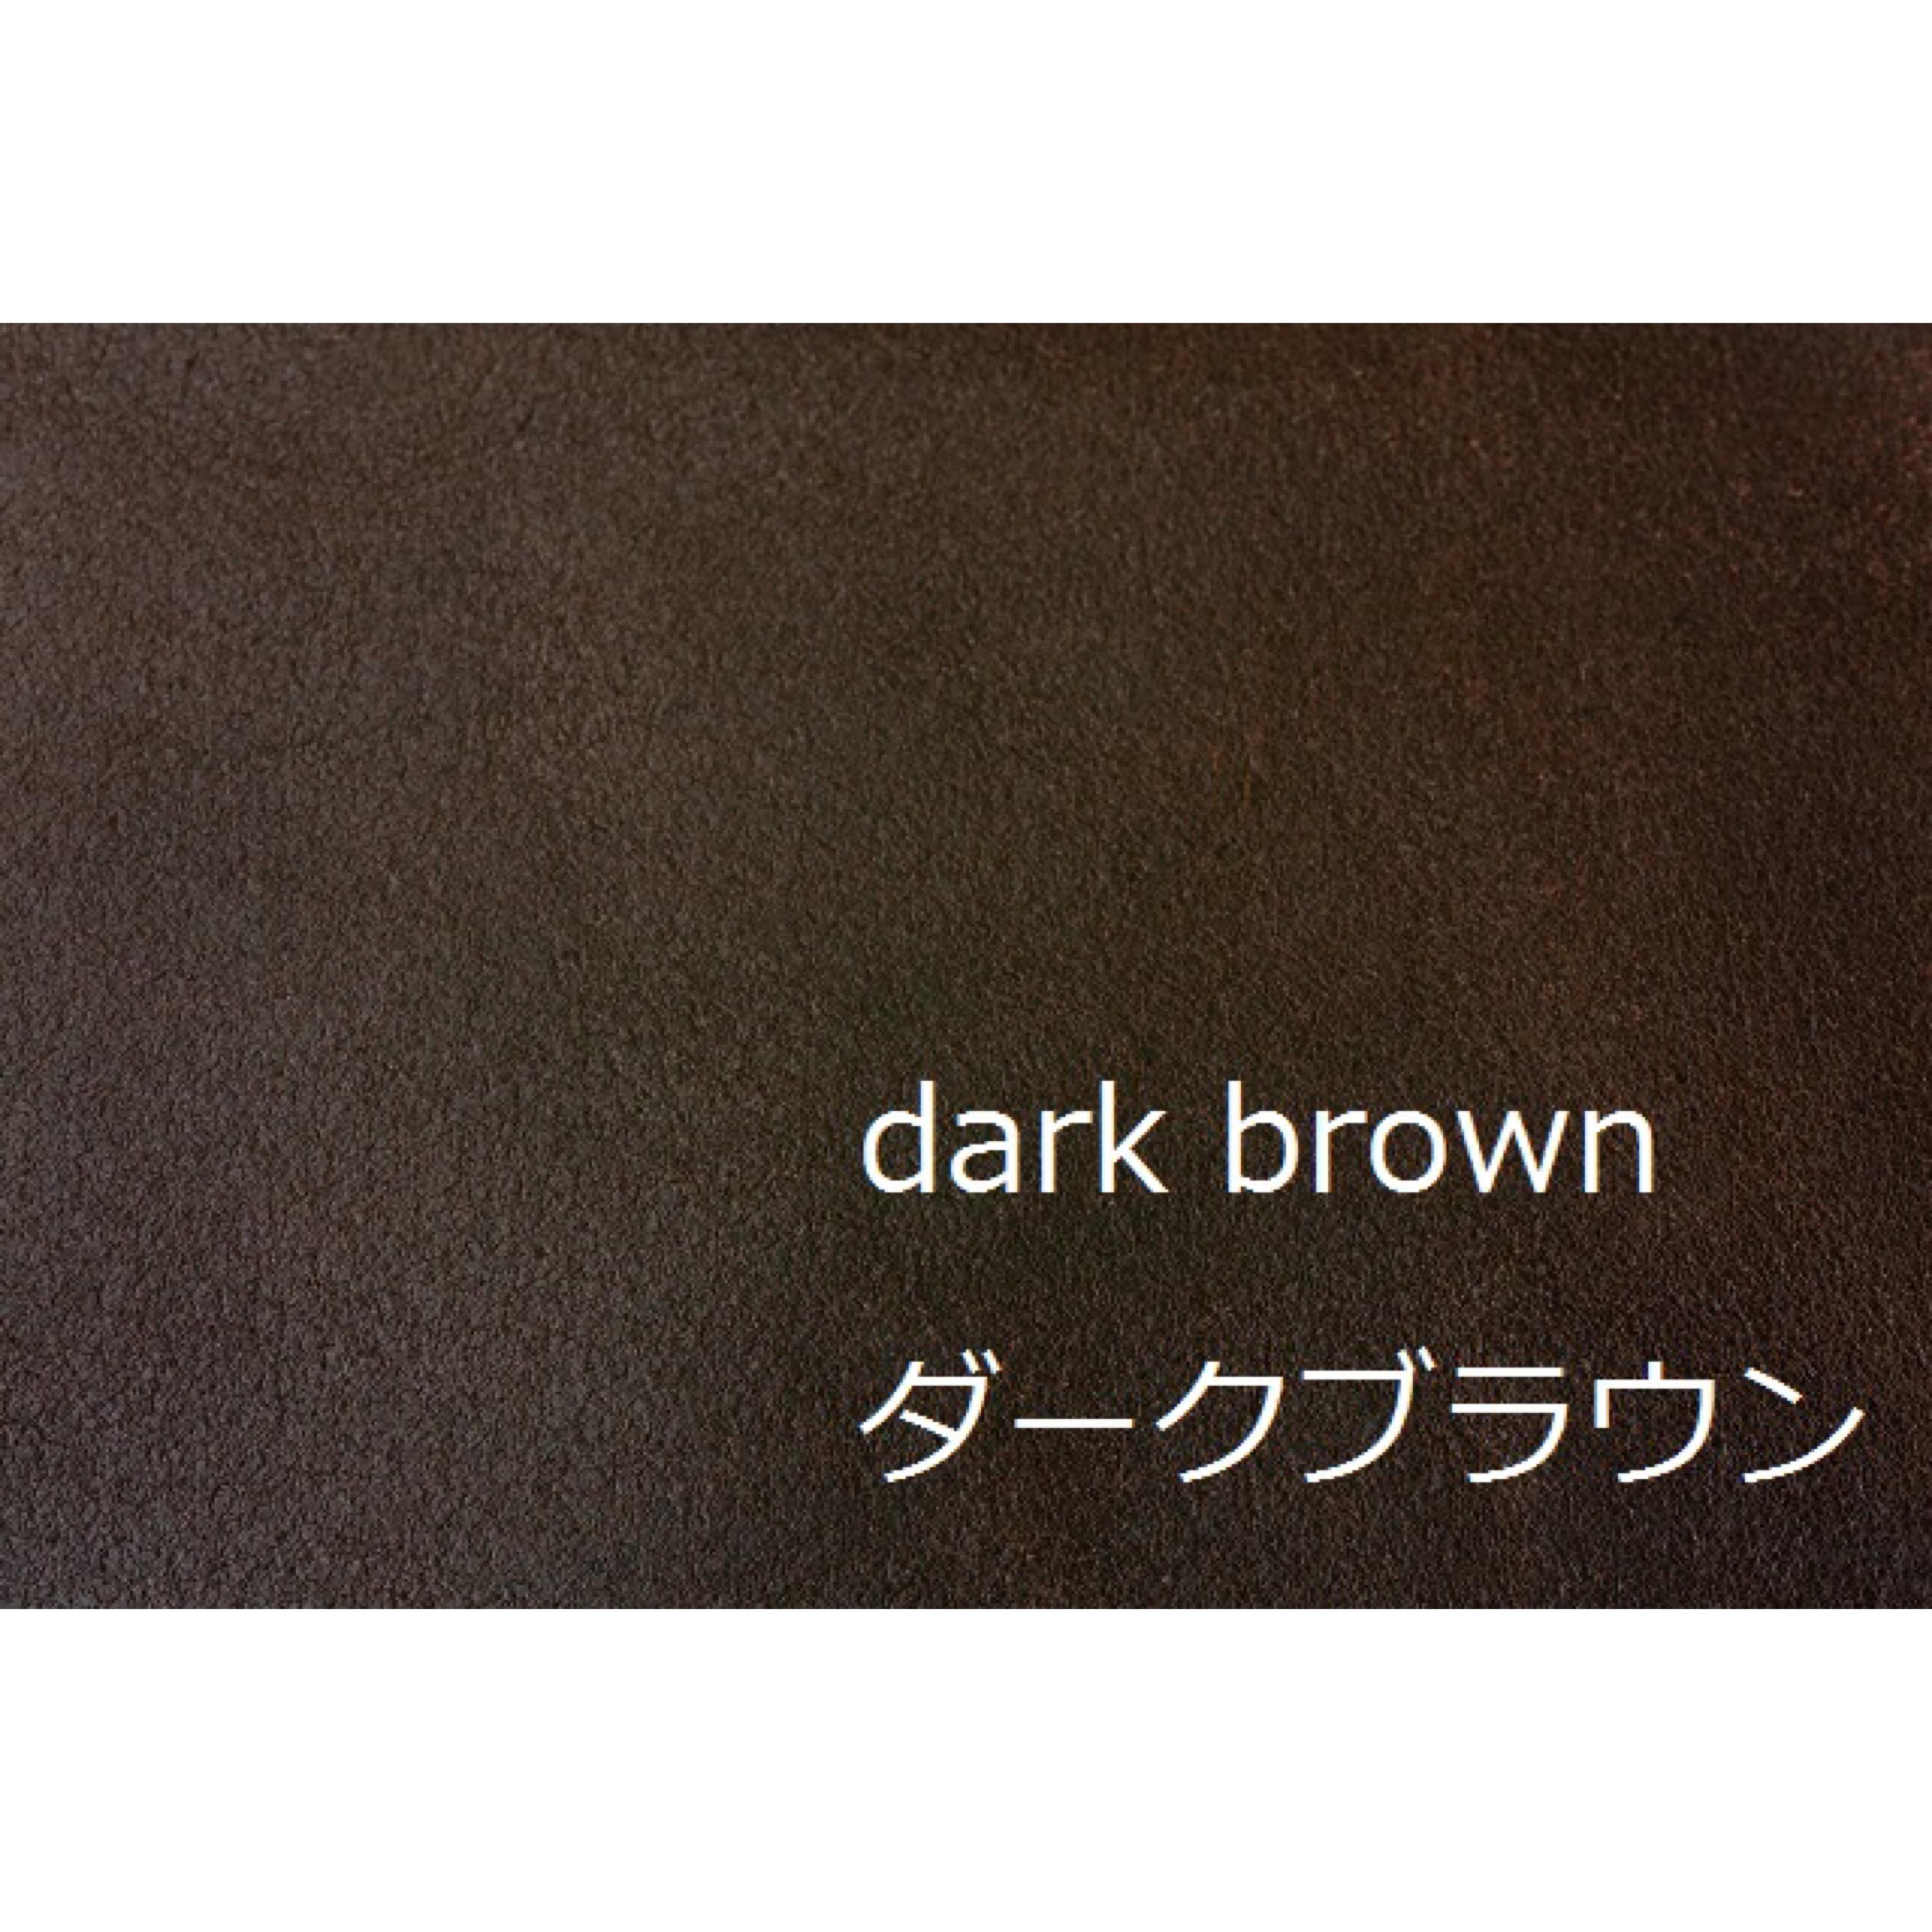 レザー通帳ケース◽︎1冊入タイプ◽︎    PASSBOOK CASE - 画像5